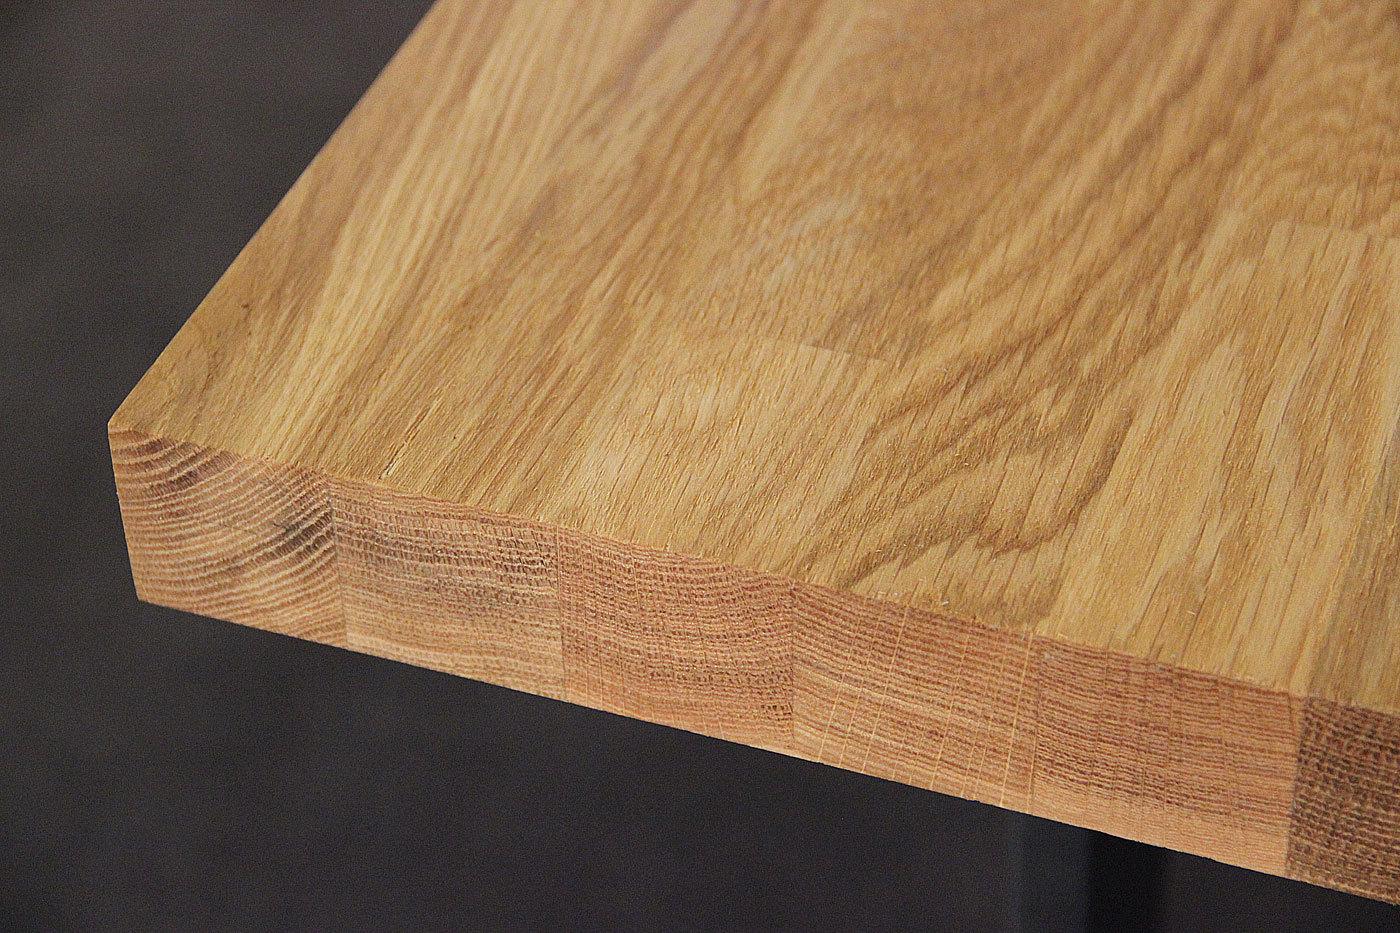 tischplatte massivholz eiche kgz 40 1800 900. Black Bedroom Furniture Sets. Home Design Ideas